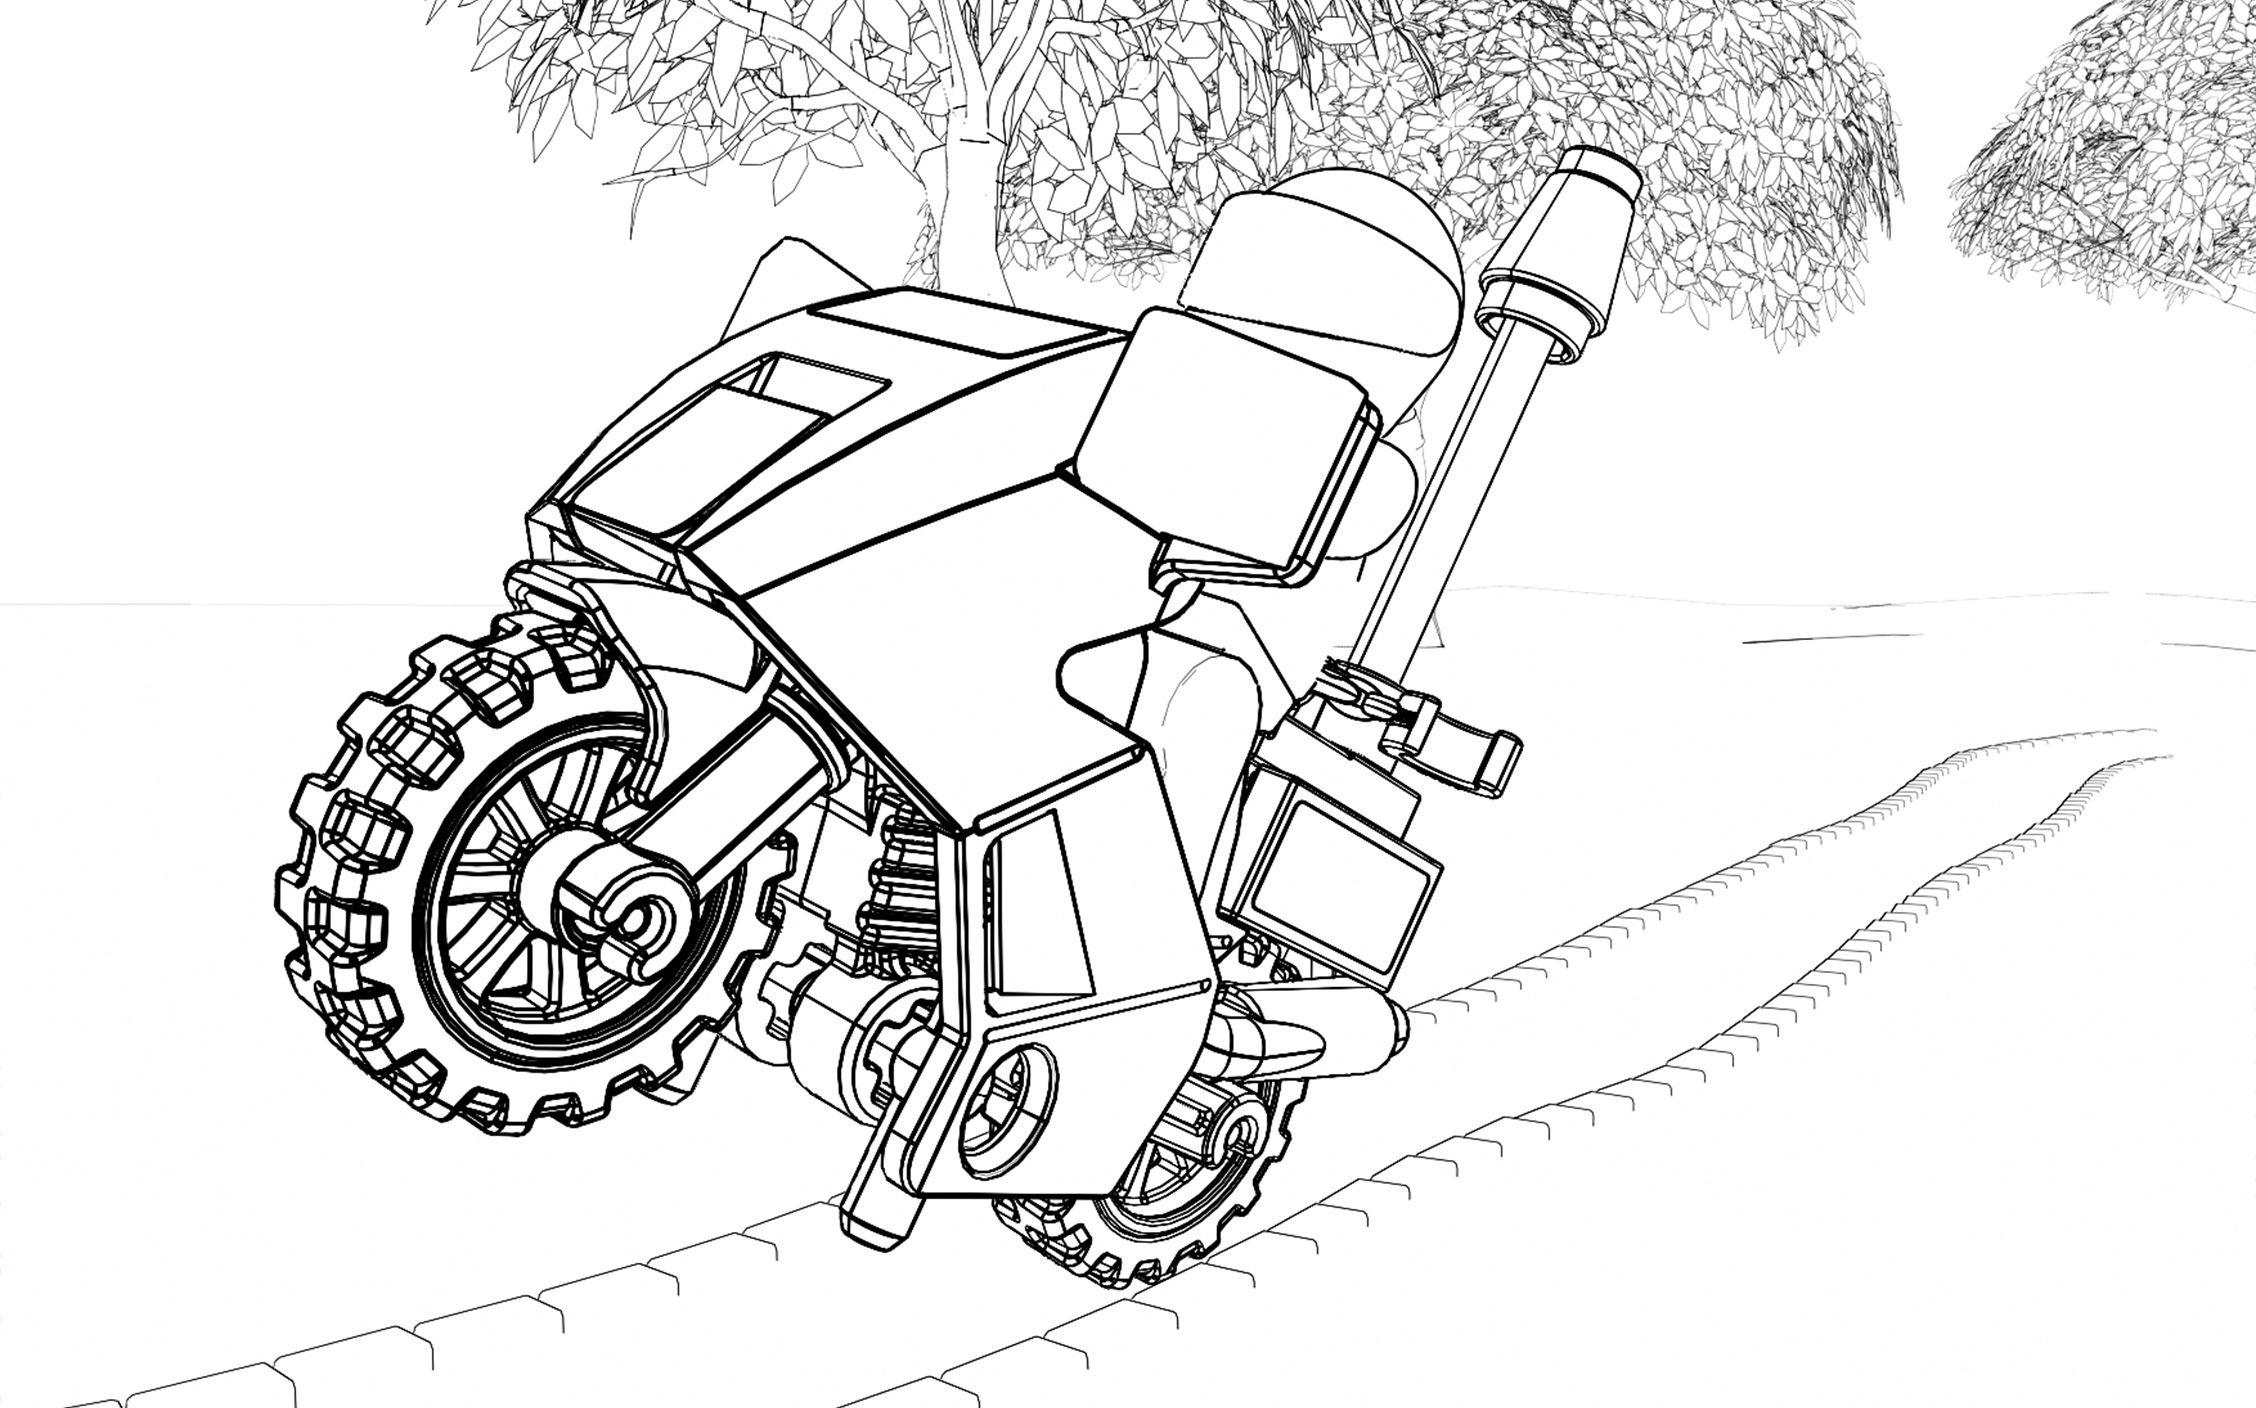 Ausmalbilder Polizei-Motorrad 81 Malvorlage Polizei